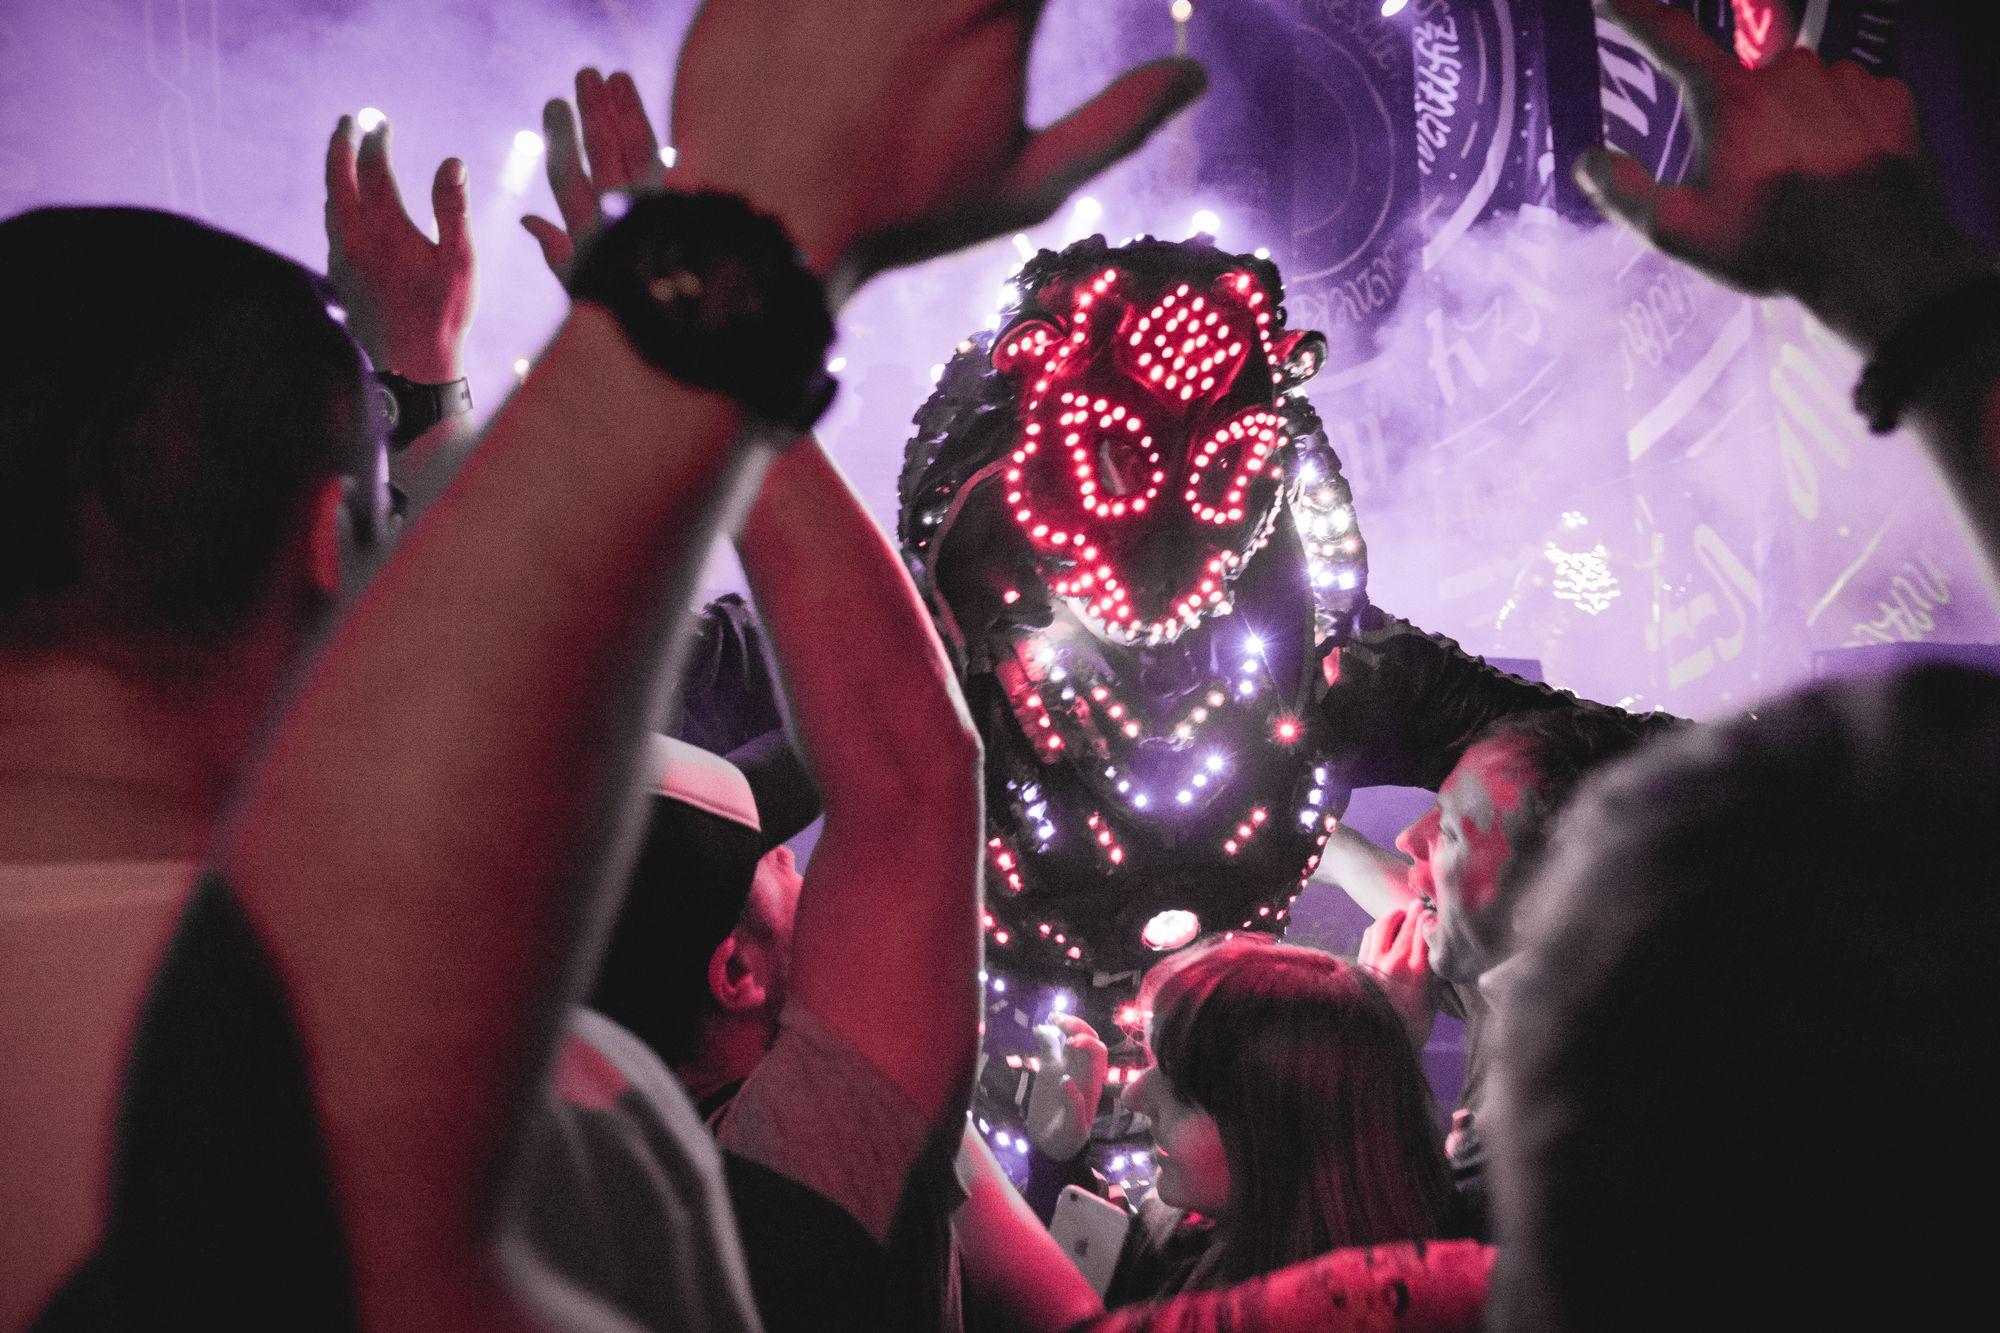 [Zdjęcie z perspektywy roztańczonej publiczności podczas koncertu Juno Reactor i Mutant Theatre. Jeden z członków zespołu ubrany w kostium podświetlony kolorowymi światełkami nachyla się w stronę koncertowiczów.]